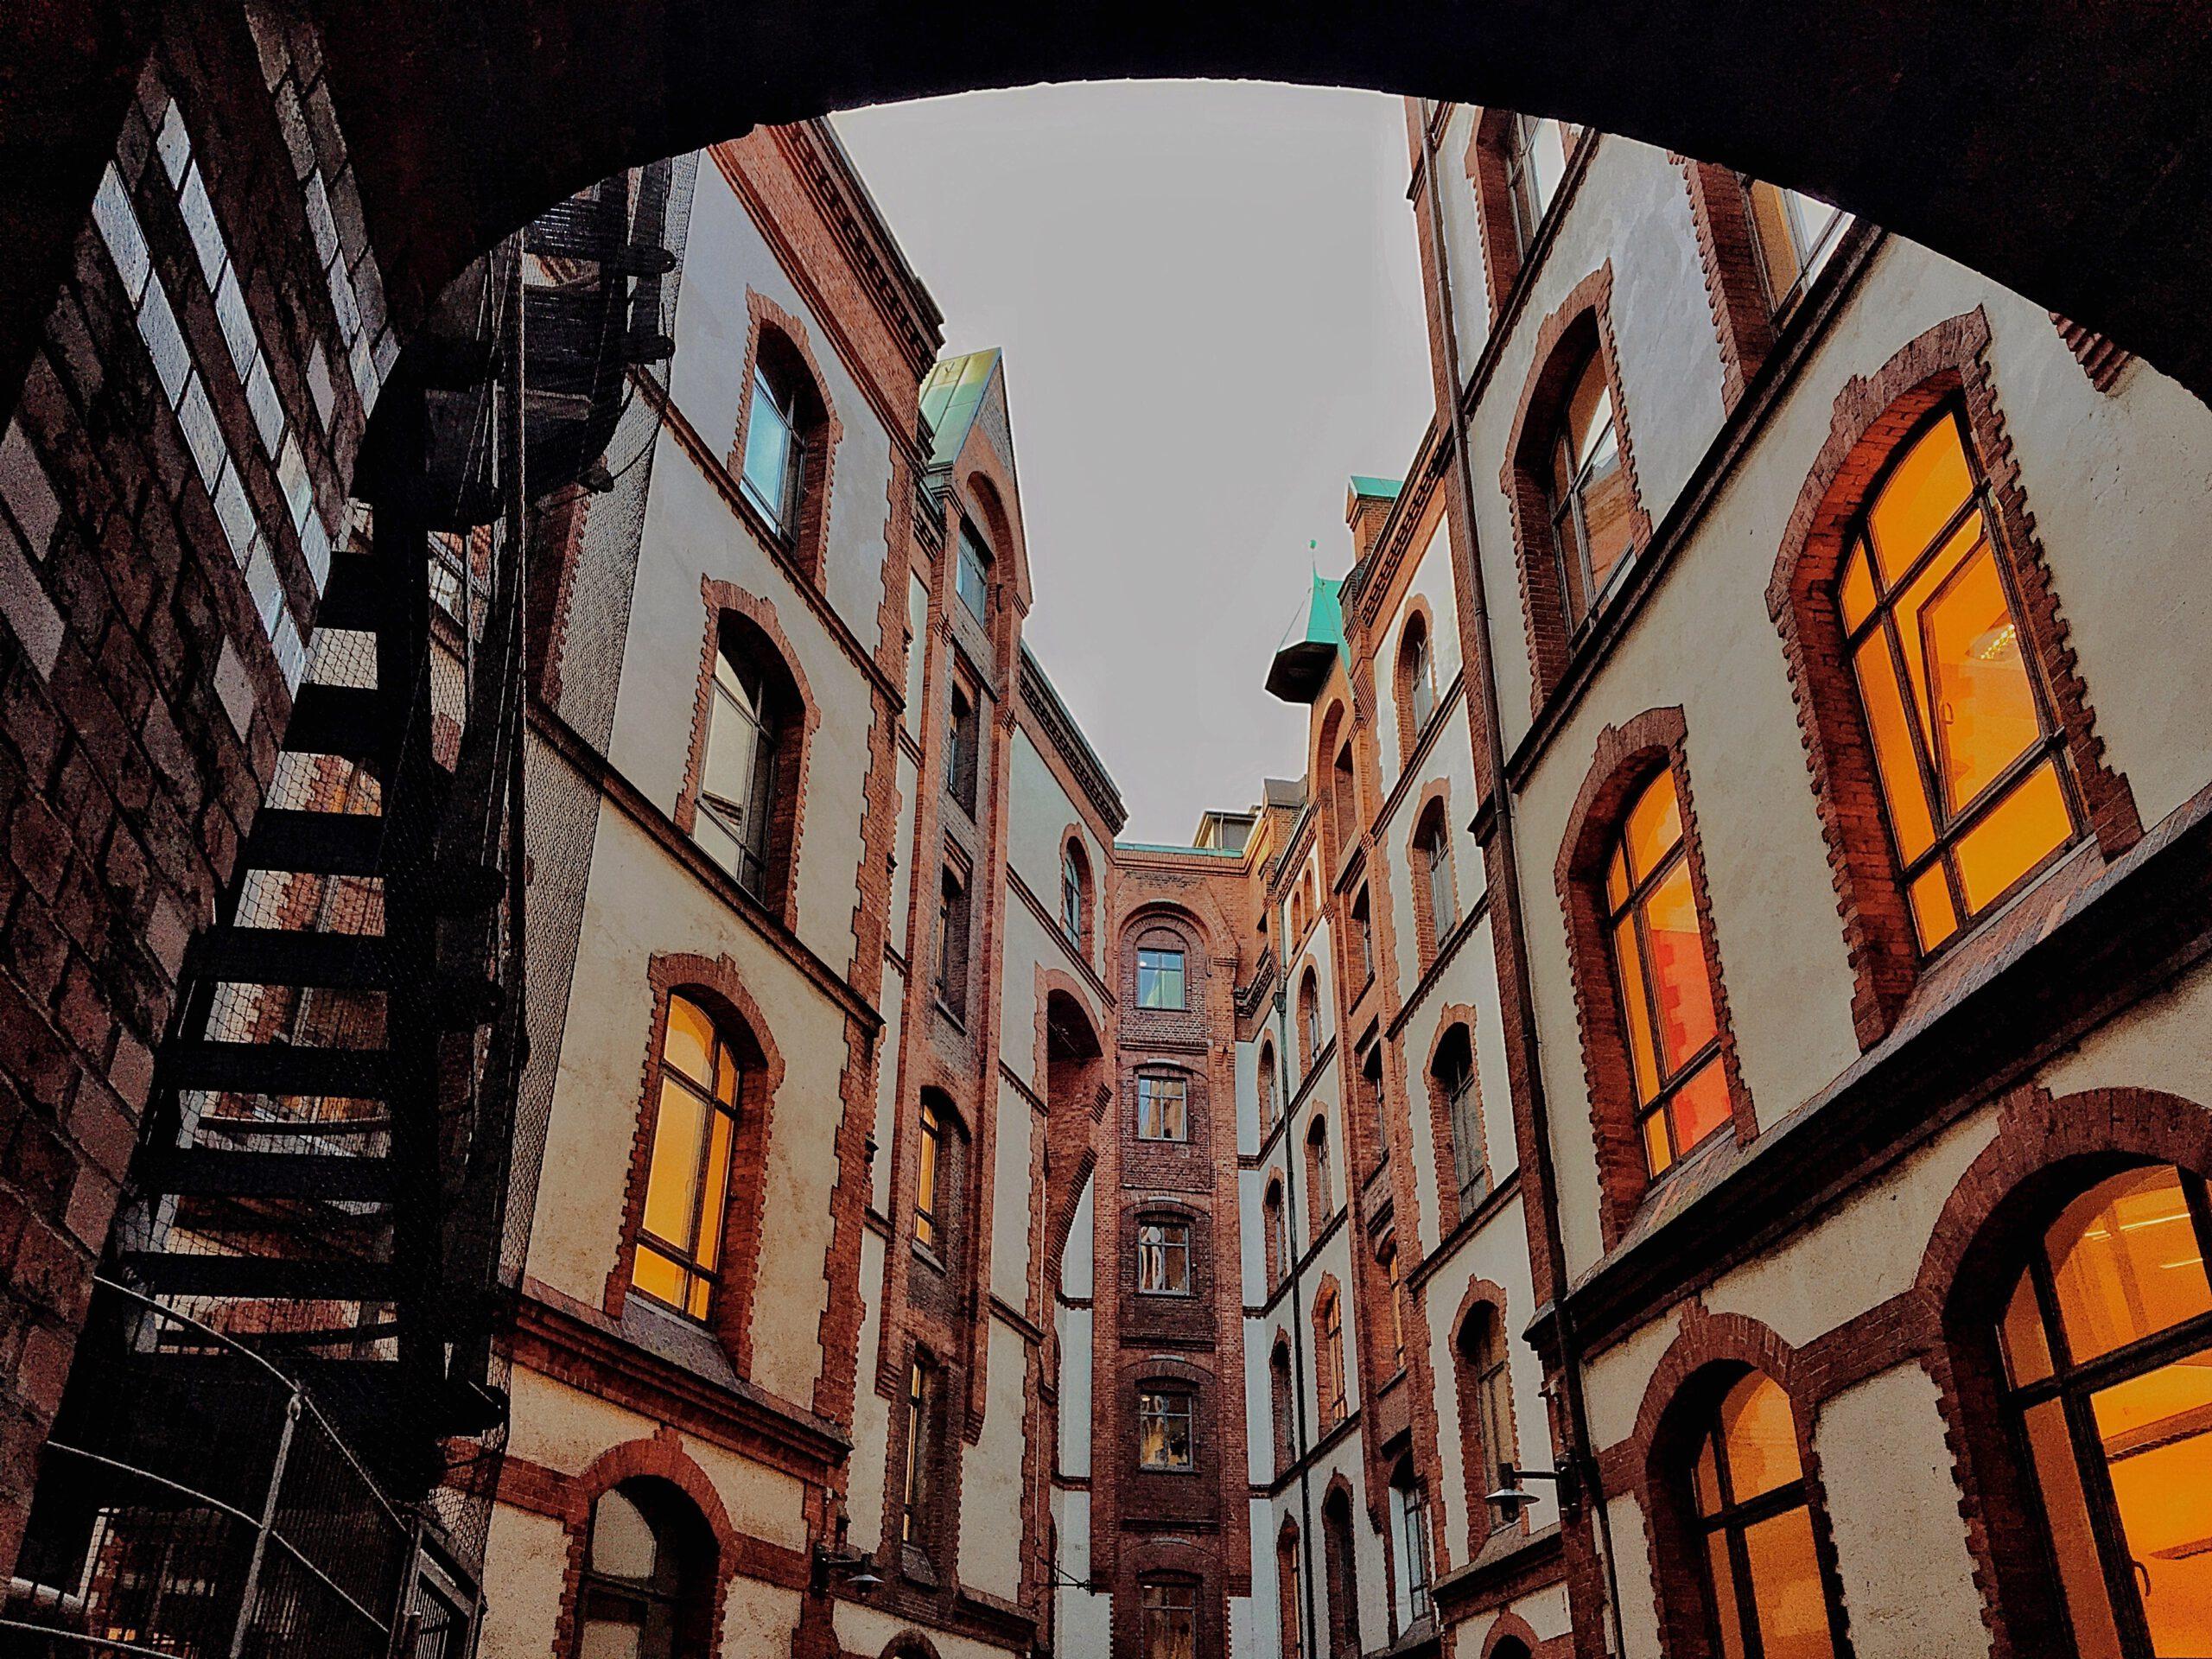 Blick in den Pickhuben Hinterhof in der Speicherstadt, Hamburg